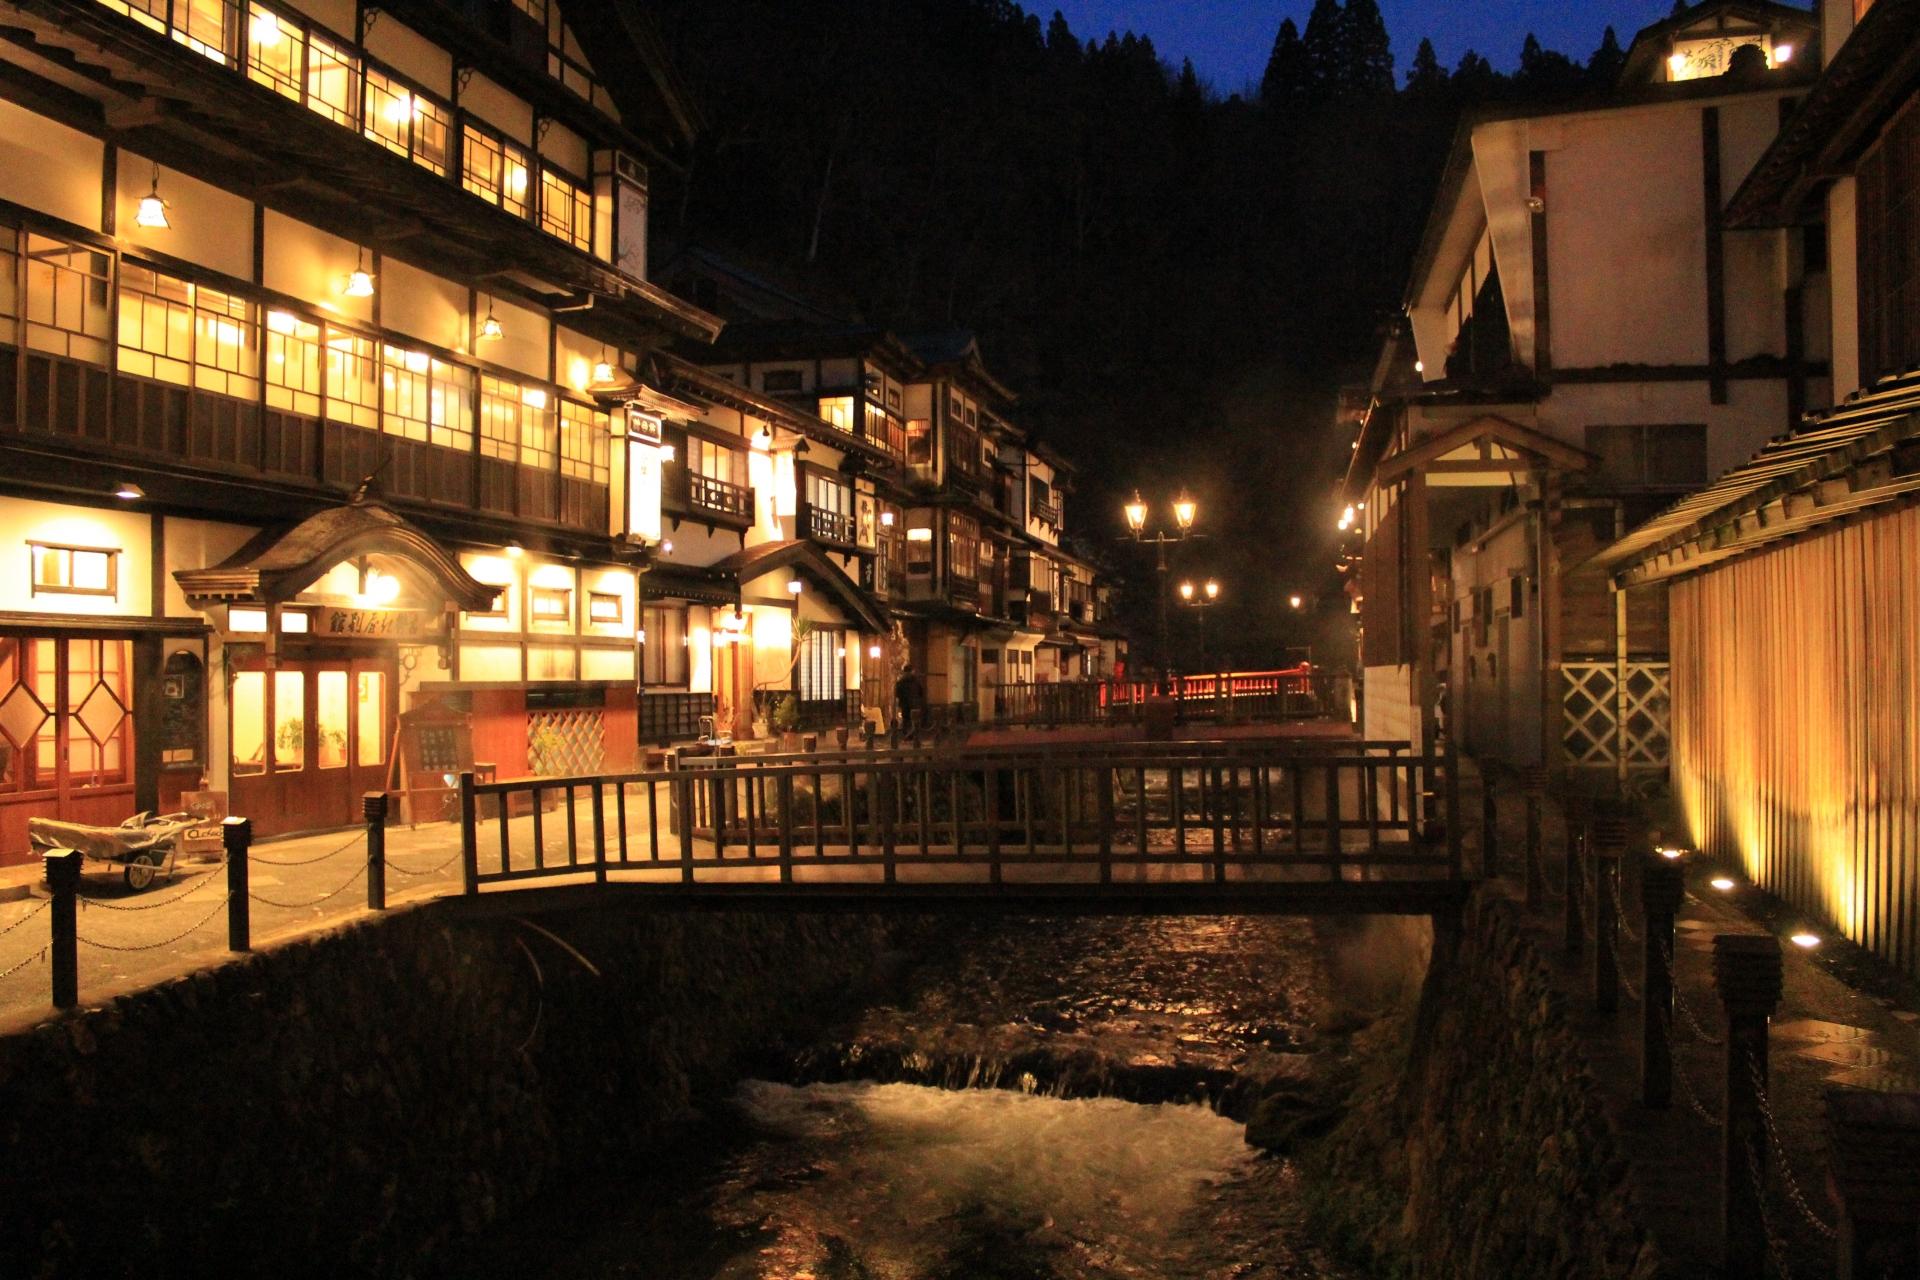 【鉄板】湯河原で女子旅で行くべき観光地・インスタ映えカフェはここ!【子供連れOK】